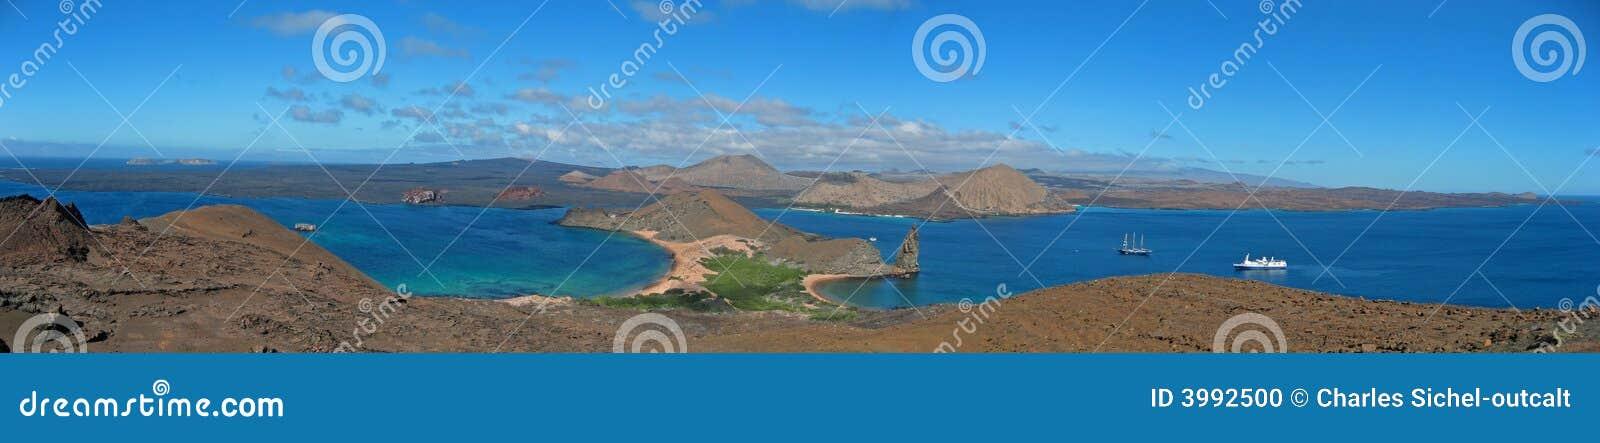 Panorama galapagos